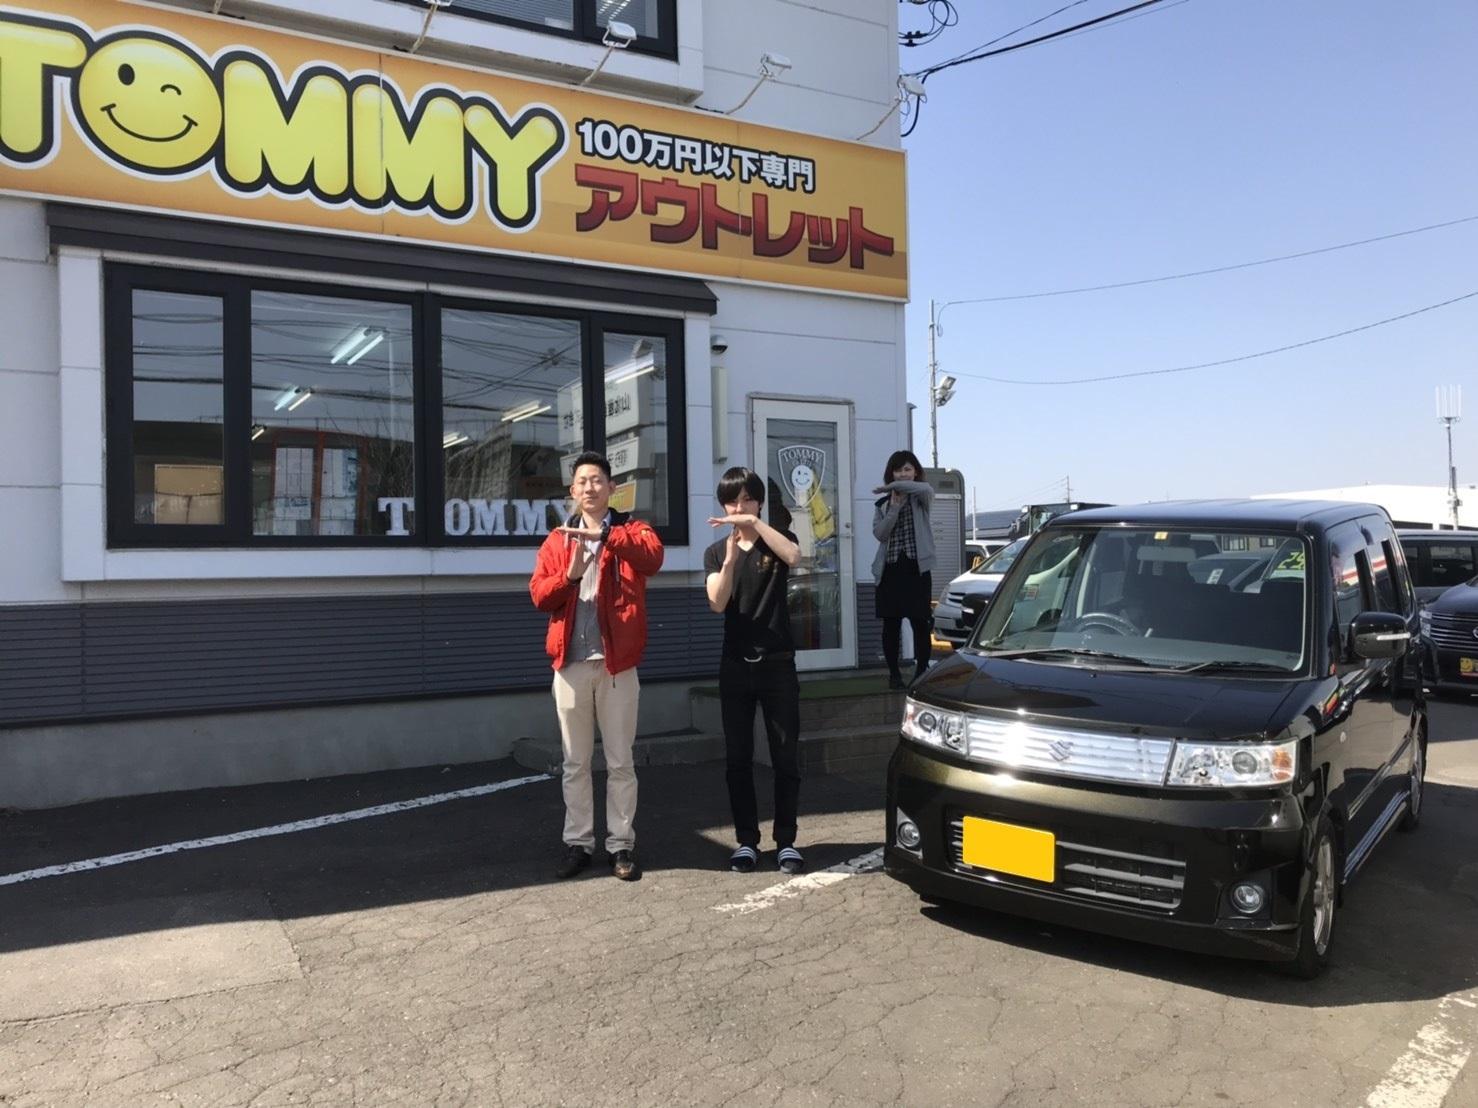 4月17日(水)☆TOMMYアウトレット☆あやあゆブログ(∩ˊ꒳ˋ∩)・* ワゴンR A様納車♪たくさんのご来店ありがとうございます♡_b0127002_17205439.jpg